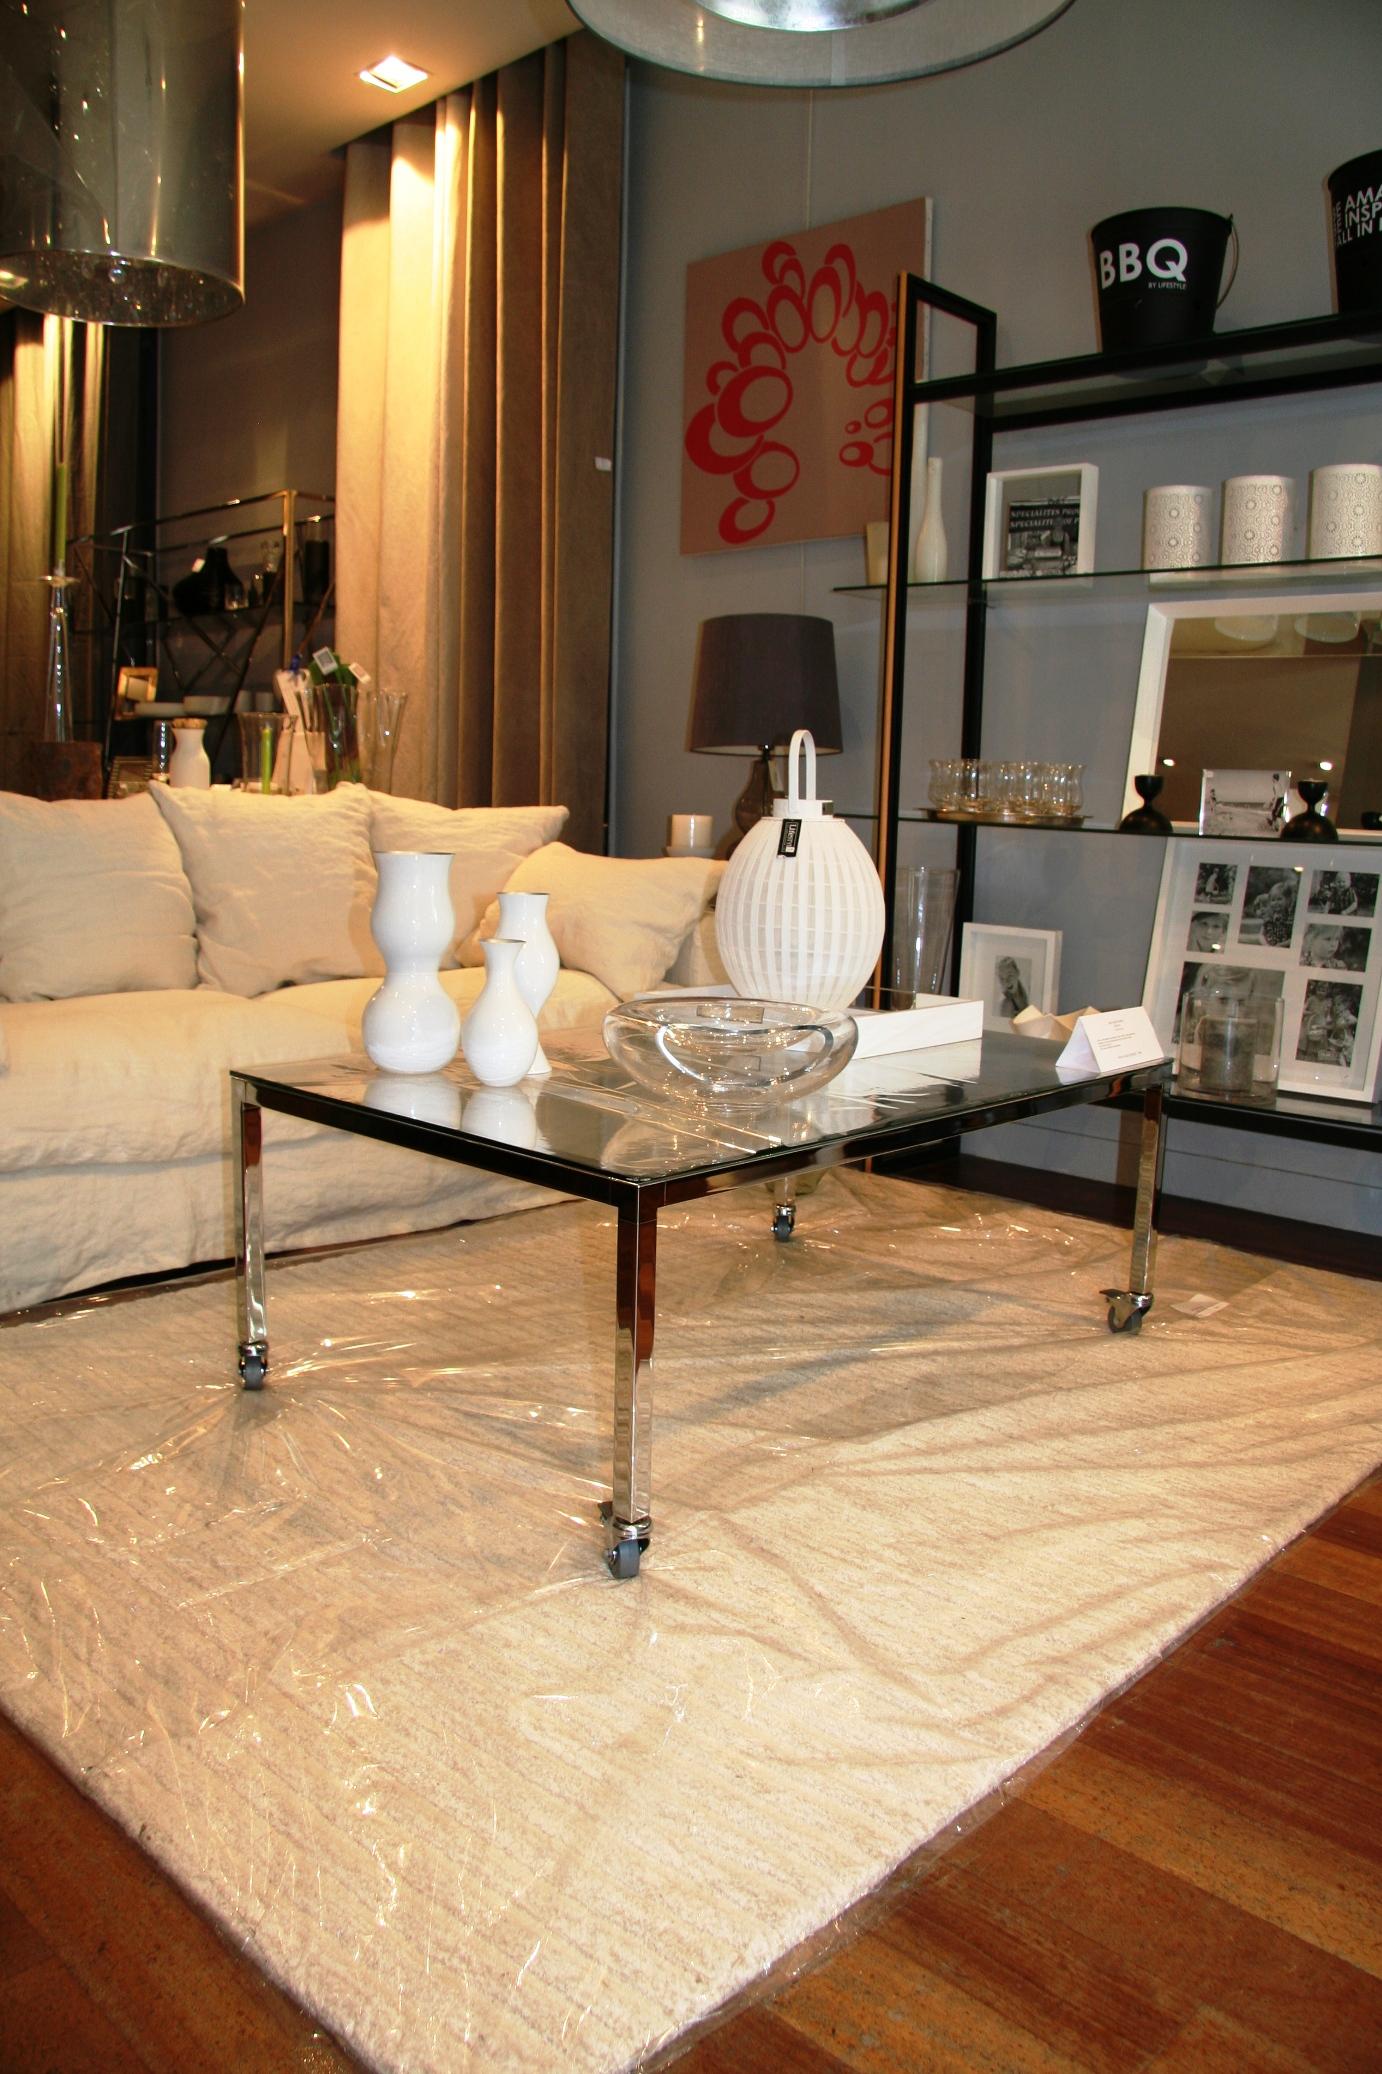 kio mobilier et objets de d coration sur marseille 8 me d coration tendances d co bons plans. Black Bedroom Furniture Sets. Home Design Ideas